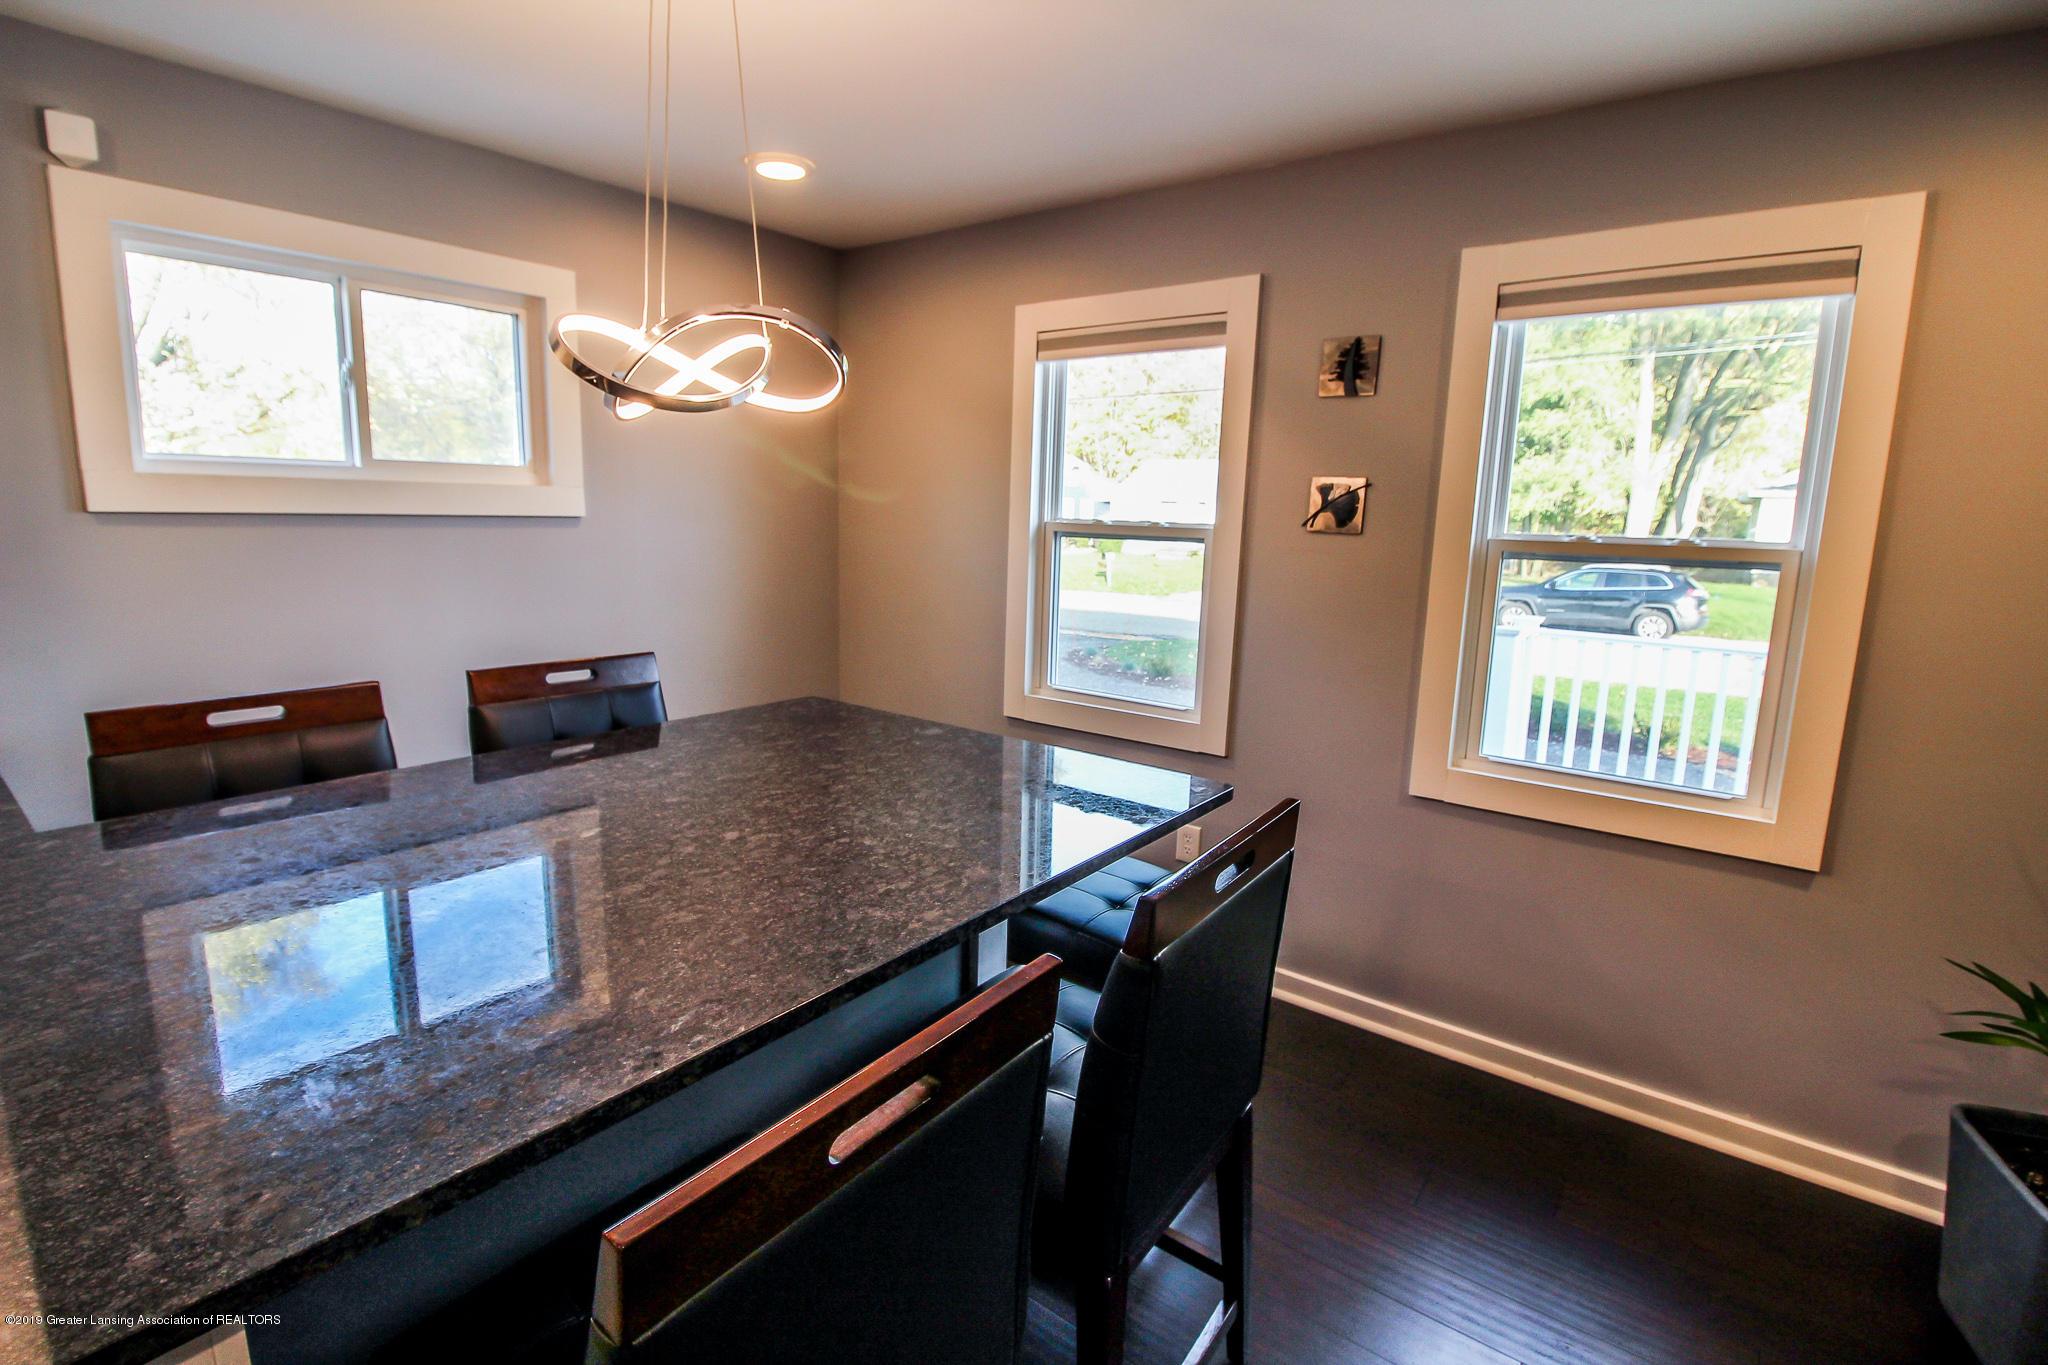 721 Clark Rd - 27 Kitchen 6 - 20